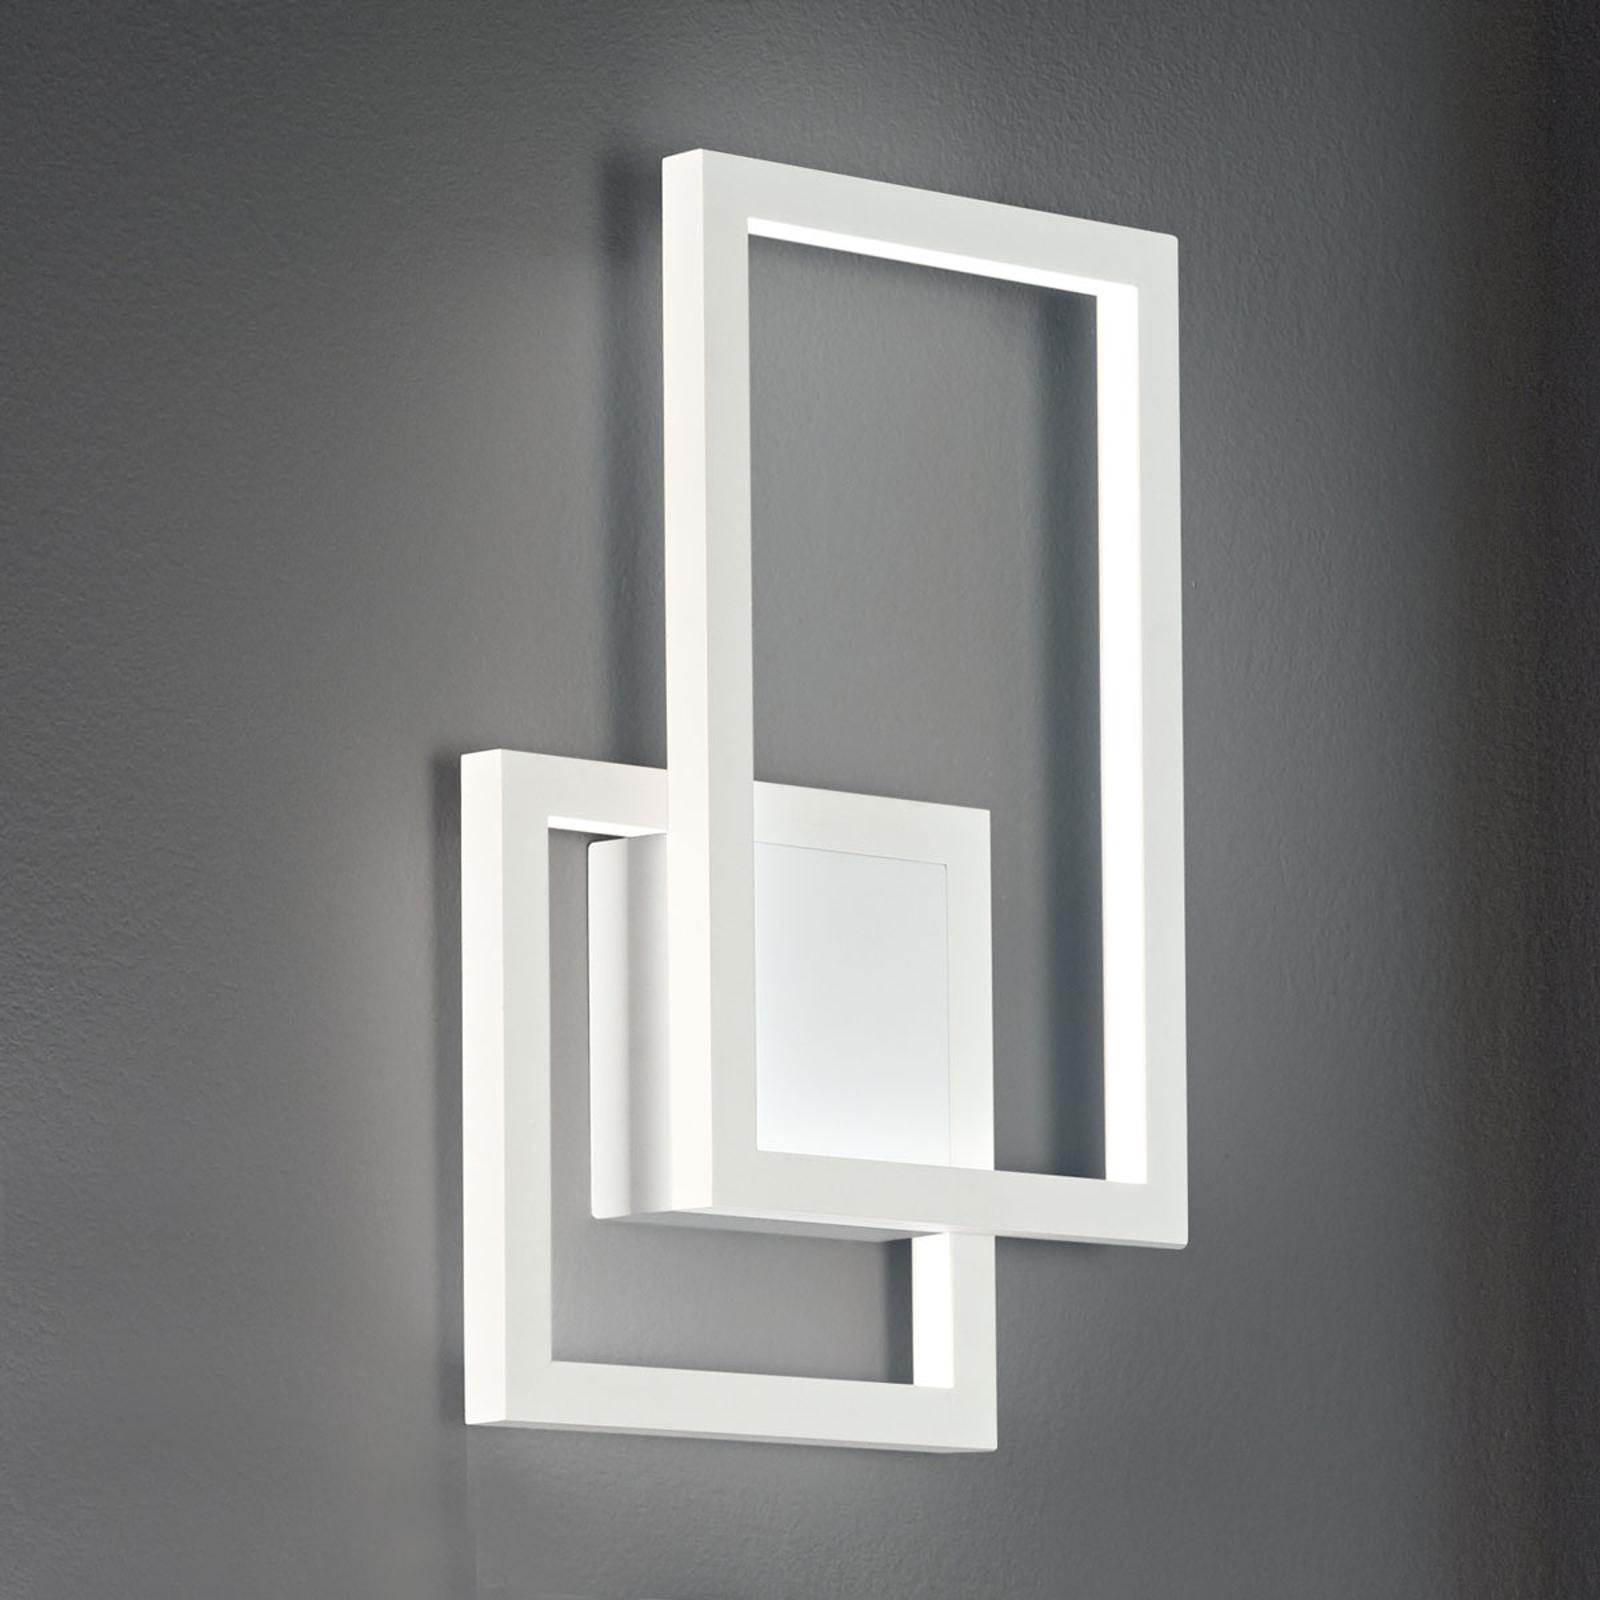 Applique LED Cross en aluminium